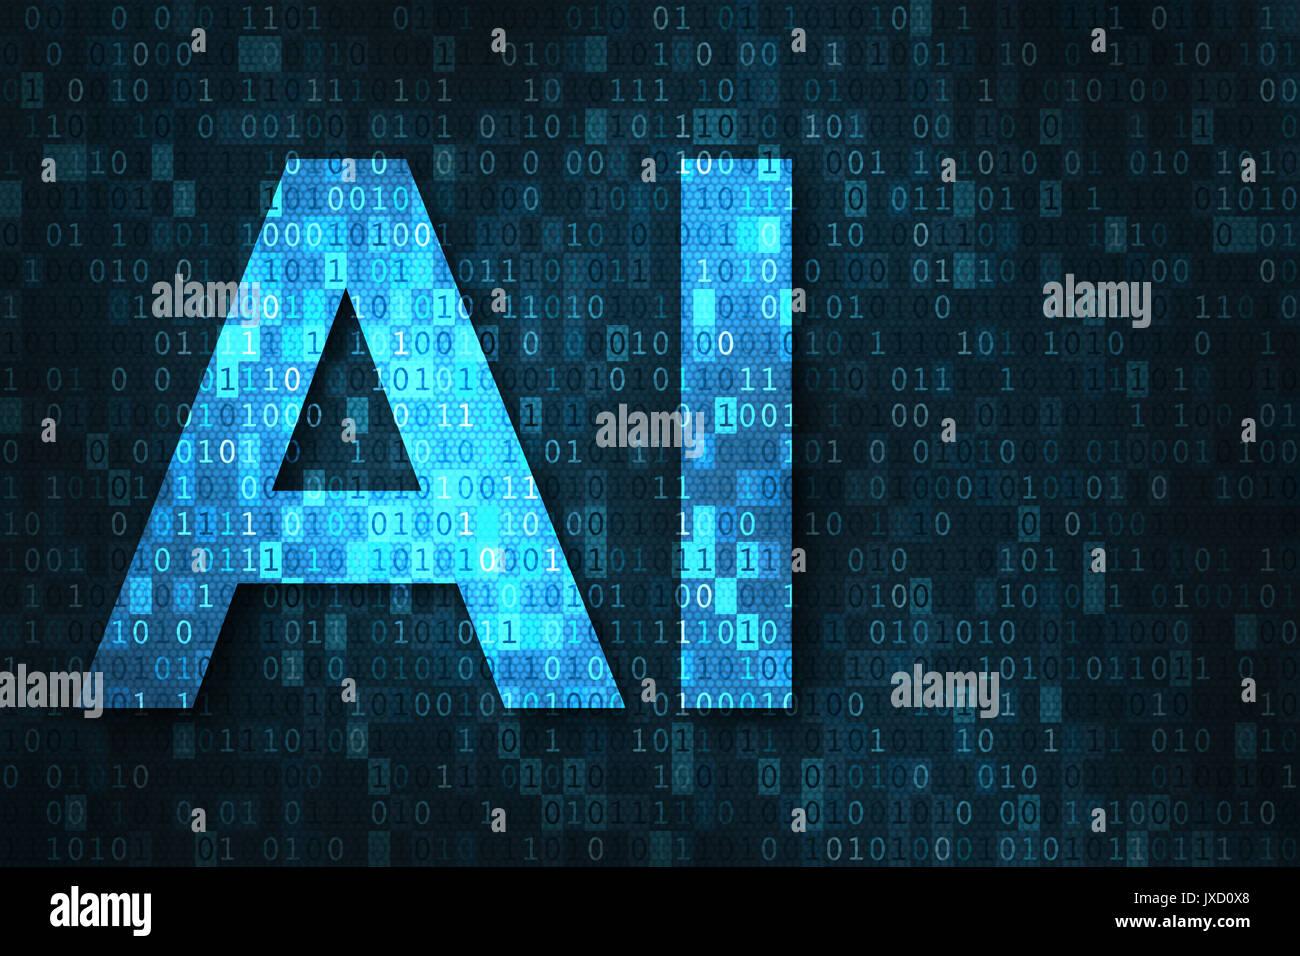 Illustration de l'intelligence artificielle avec le texte en bleu au cours de Ia matrice code binaire. Concept abstrait de la cybersécurité de la technologie et de l'automatisation Photo Stock